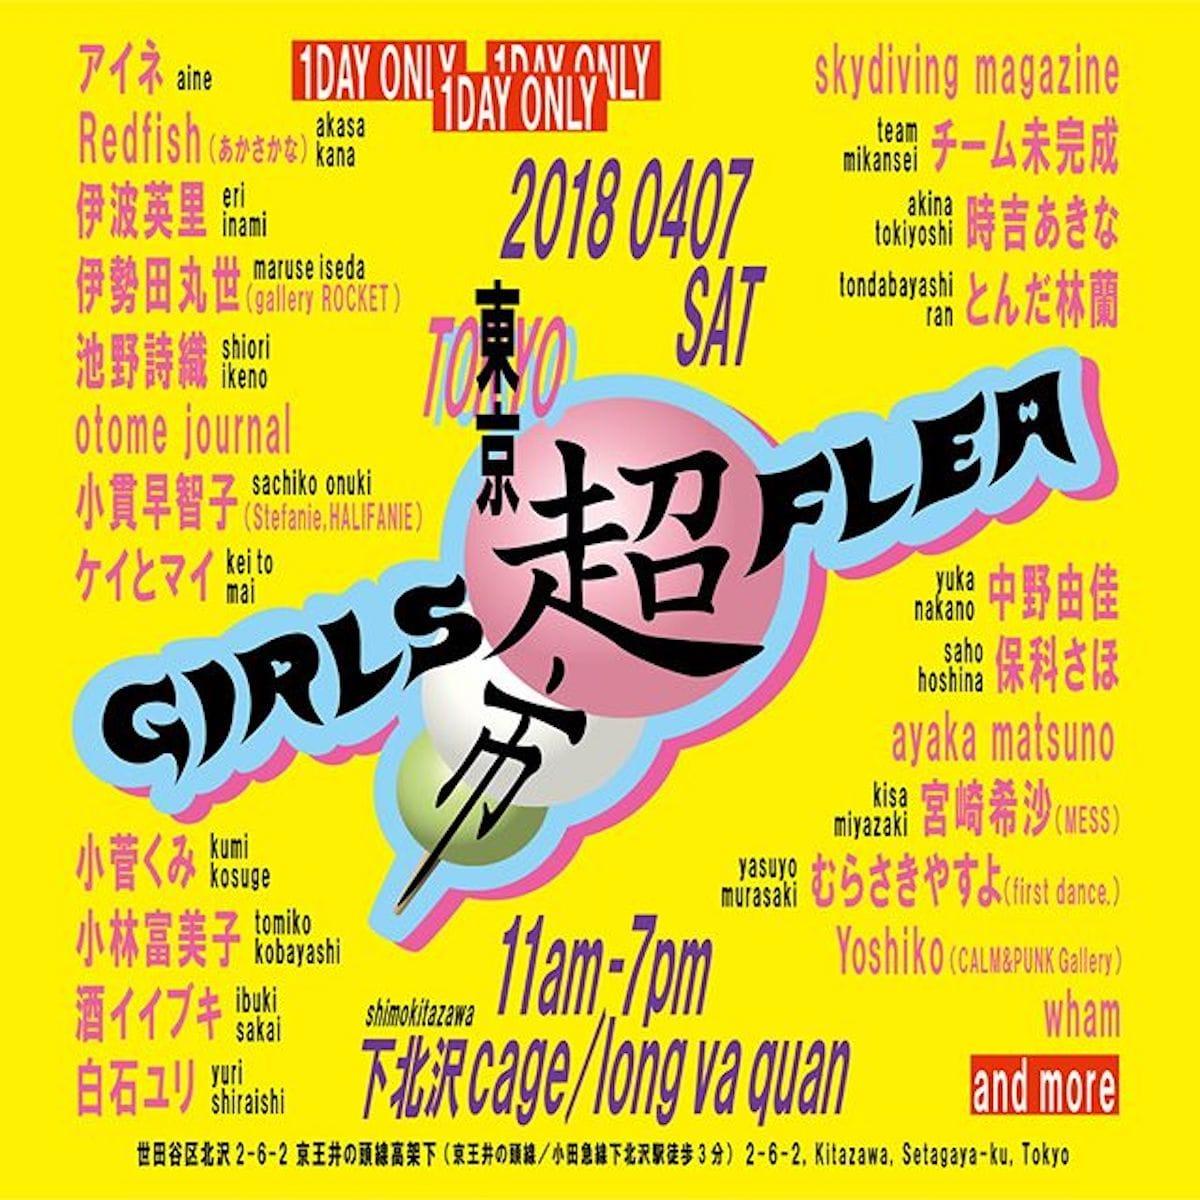 チーム未完成のしをりんが新たに立ち上げた女子クリエイターによる超あたらしいマーケット<GIRLS超FLEA 東京>が下北沢にて開催 artculture180320_superhypertokyo_1-1200x1200